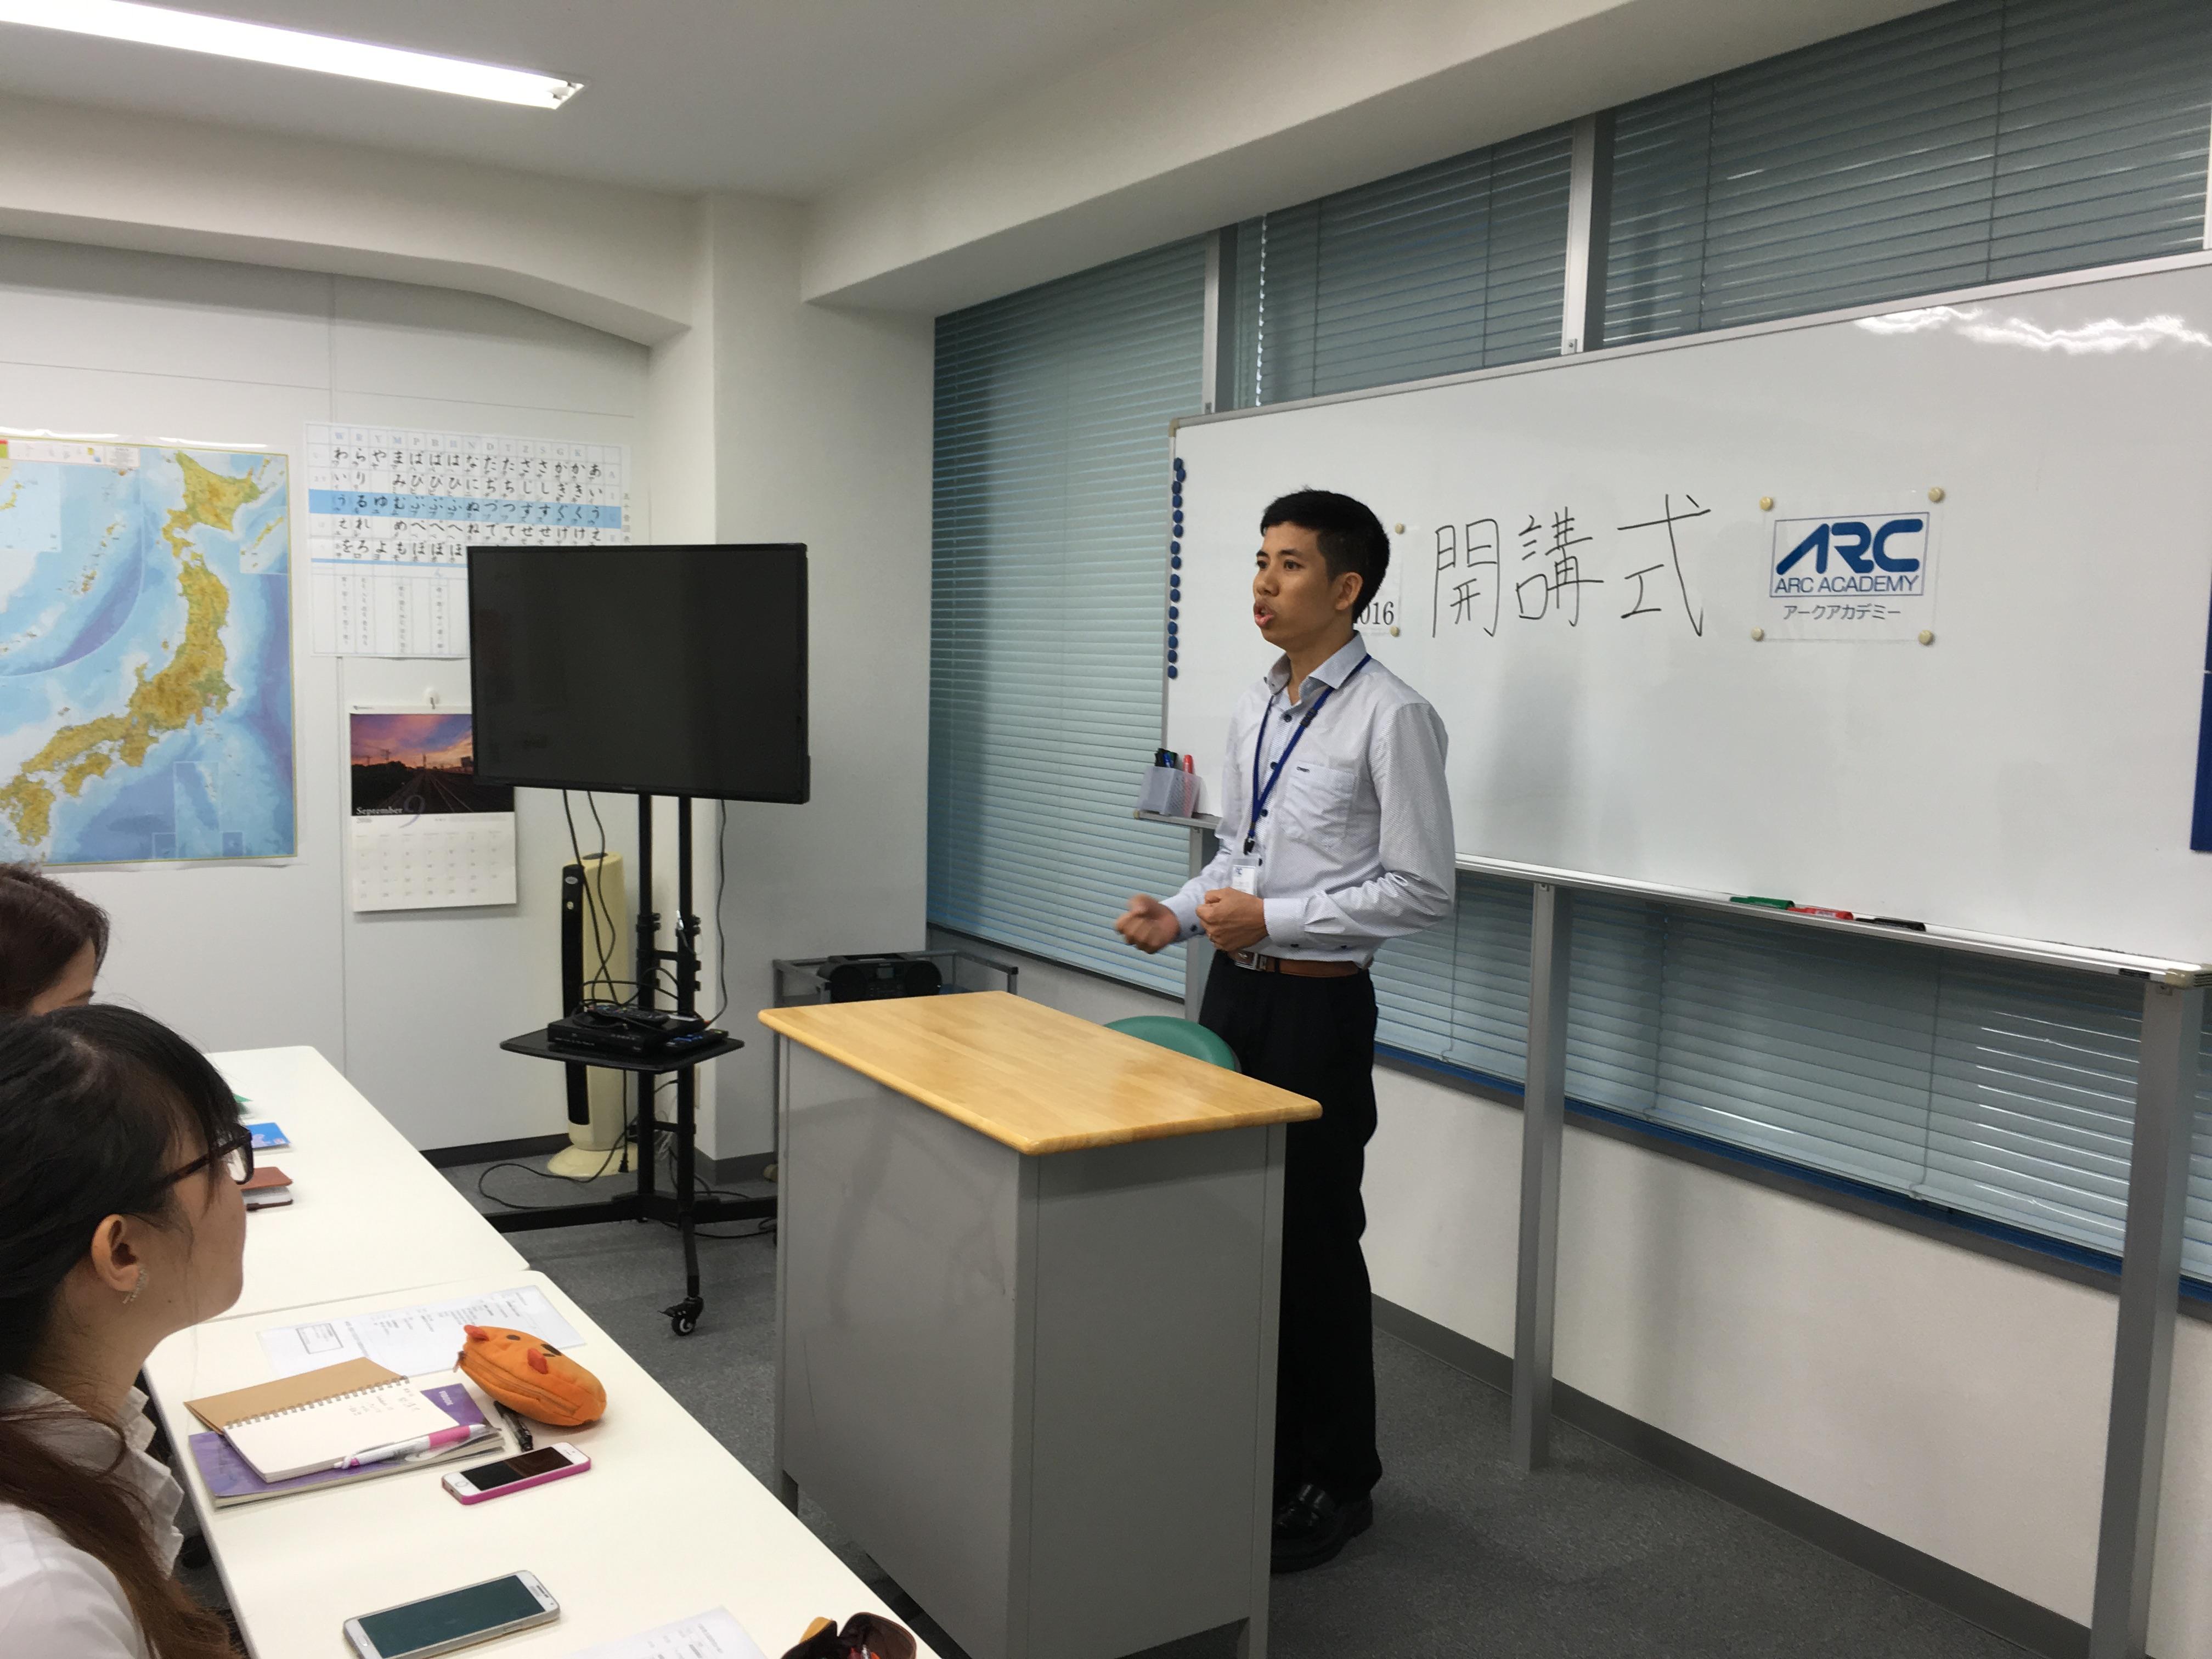 外国人日本語教師の日本語力及び教師力向上を目的とした研修プログラムです。